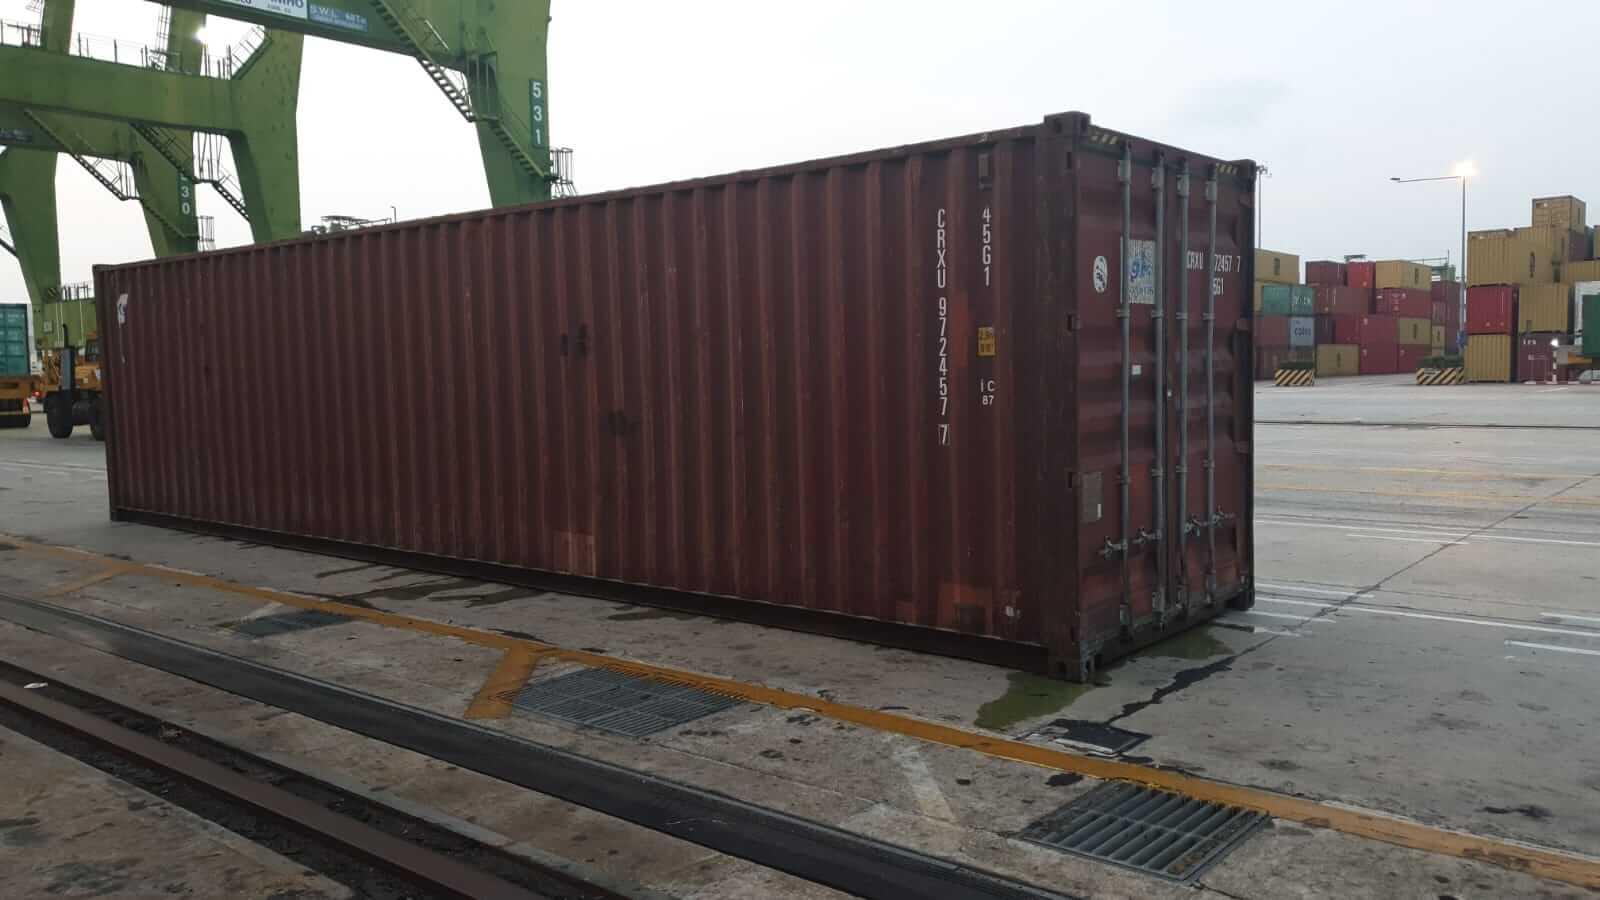 Rò rỉ cont nước giặt tại cảng chuyển tải singapore - Cont CRXU 9724577